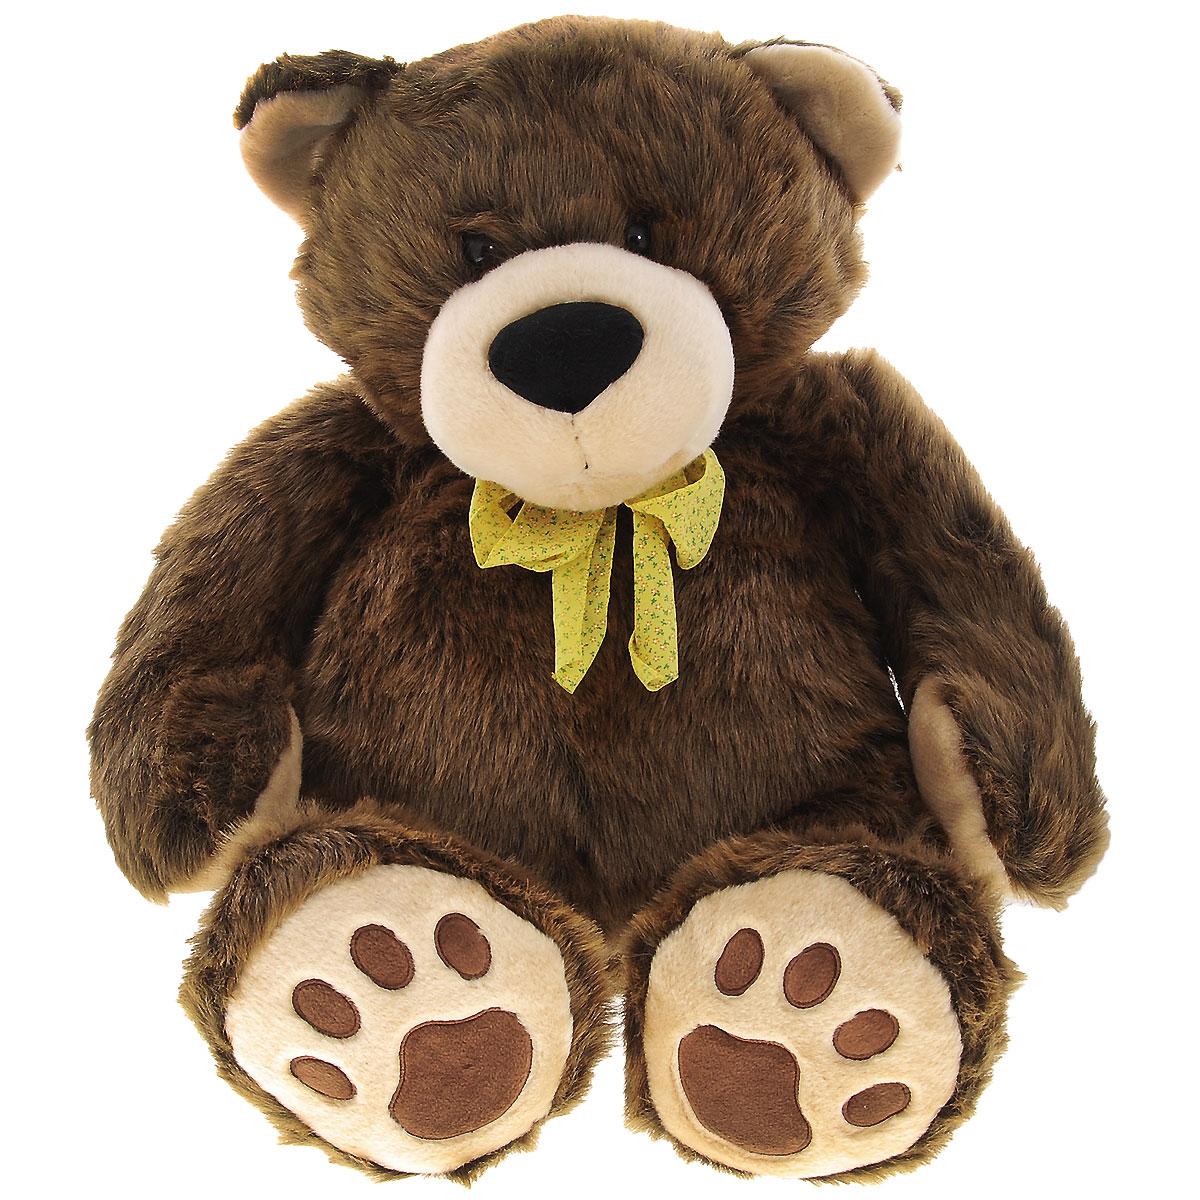 Мягкая игрушка Plush Apple Медведь, цвет: коричневый, 75 см грелки warmies cozy plush игрушка грелка змея